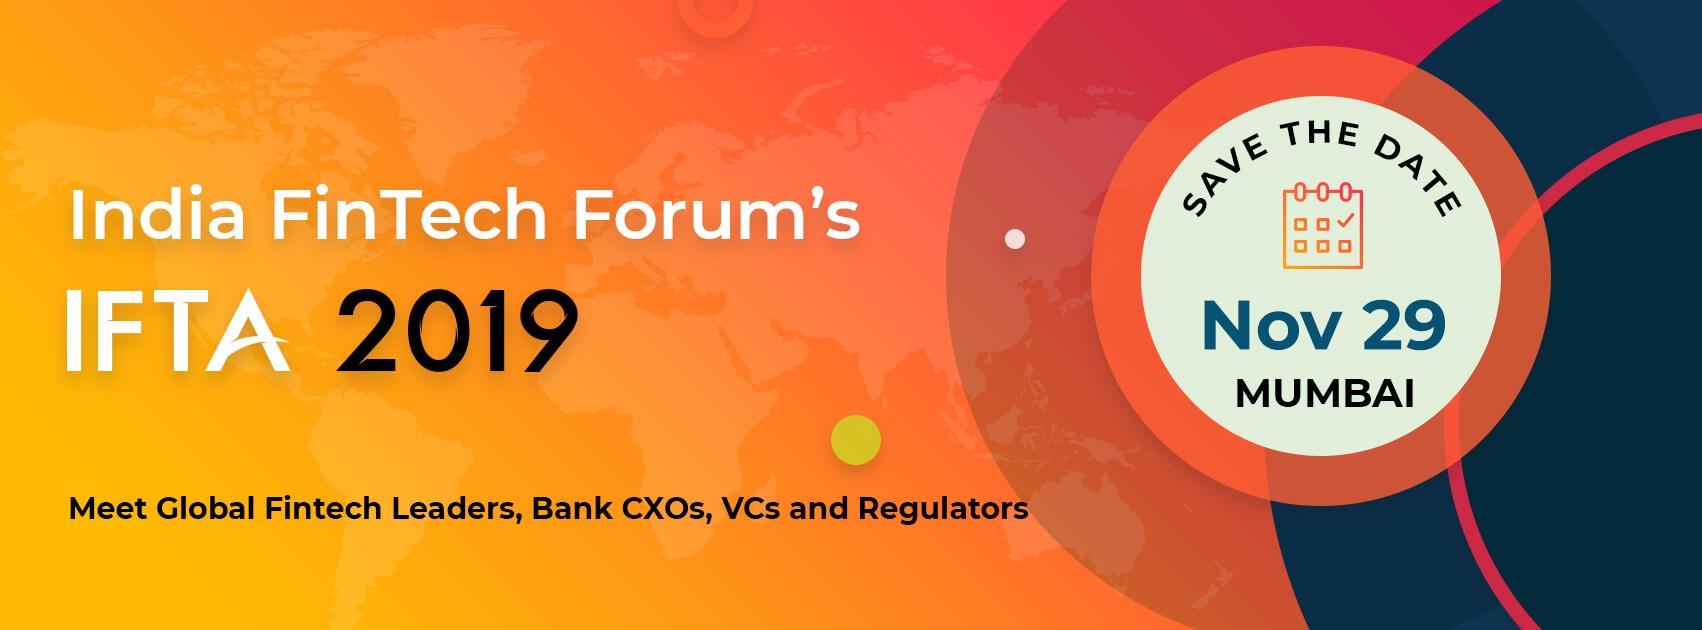 India FinTech Forum   LinkedIn